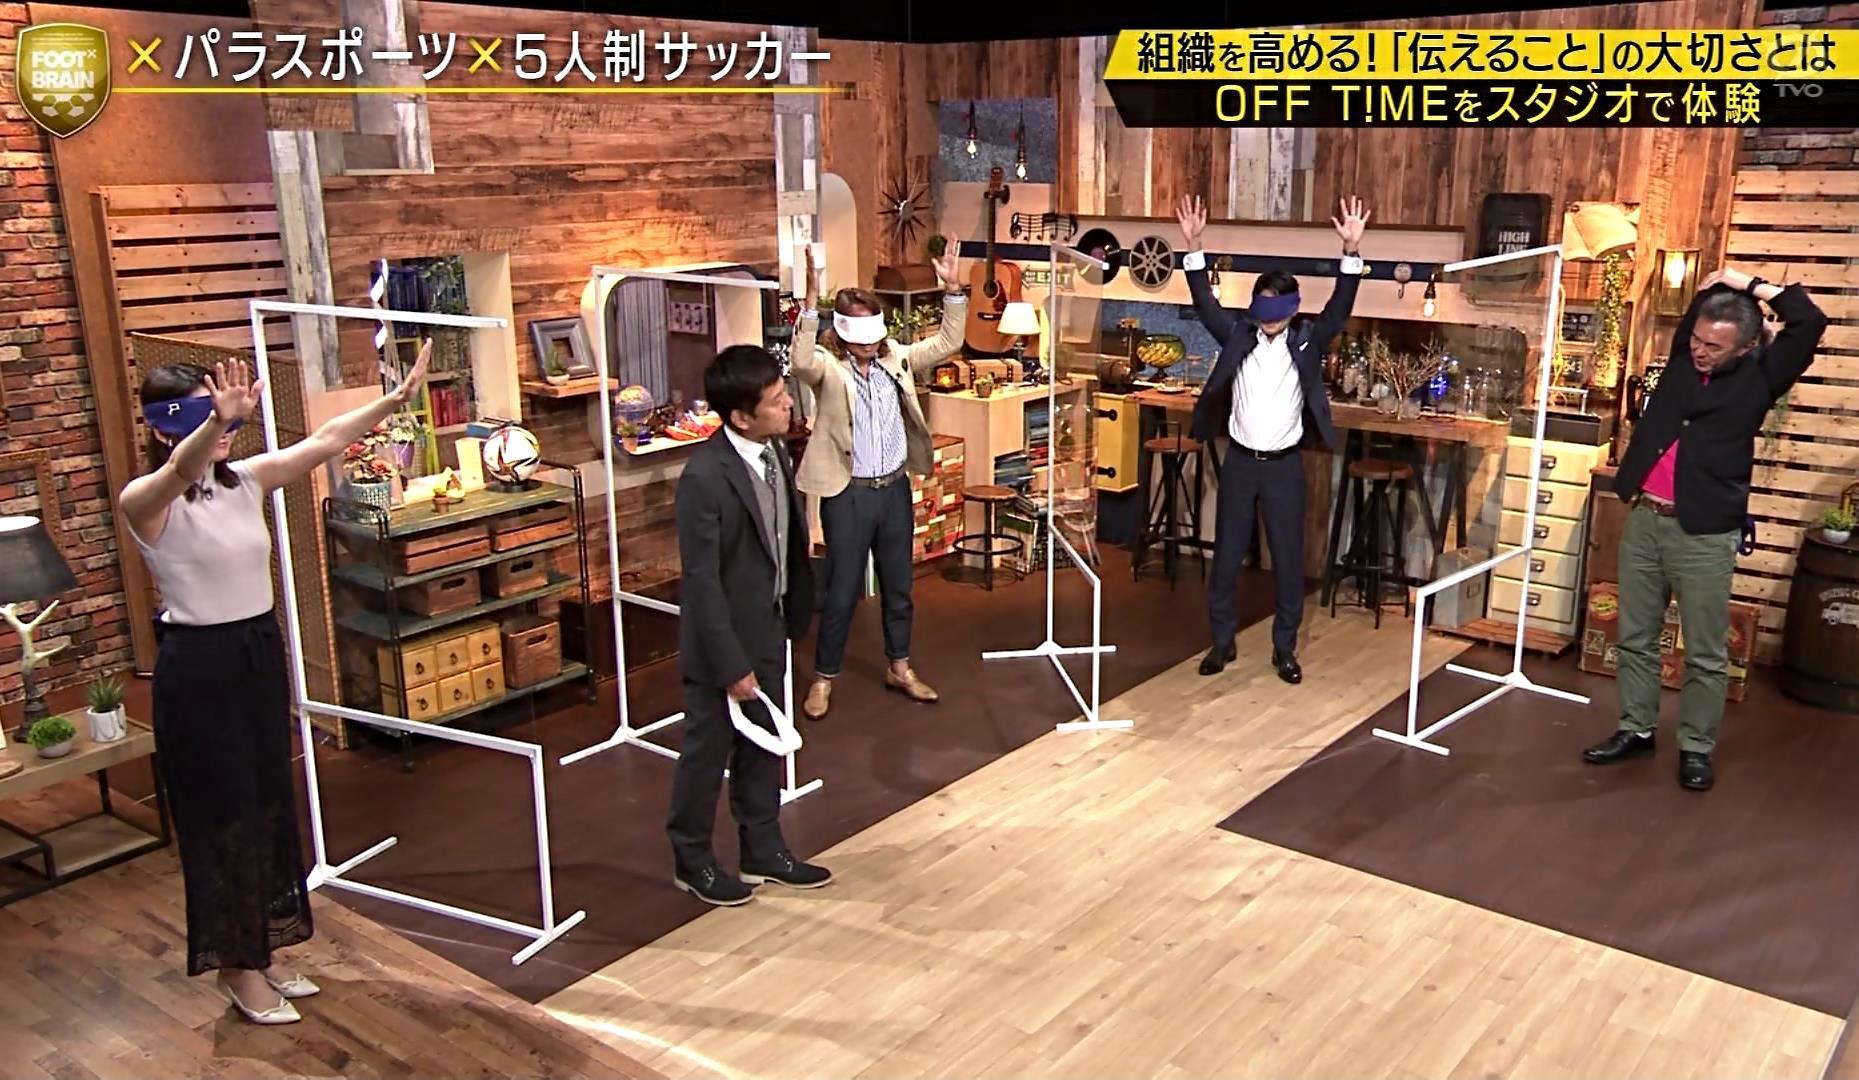 竹崎由佳の目隠し腋魅せ (3)